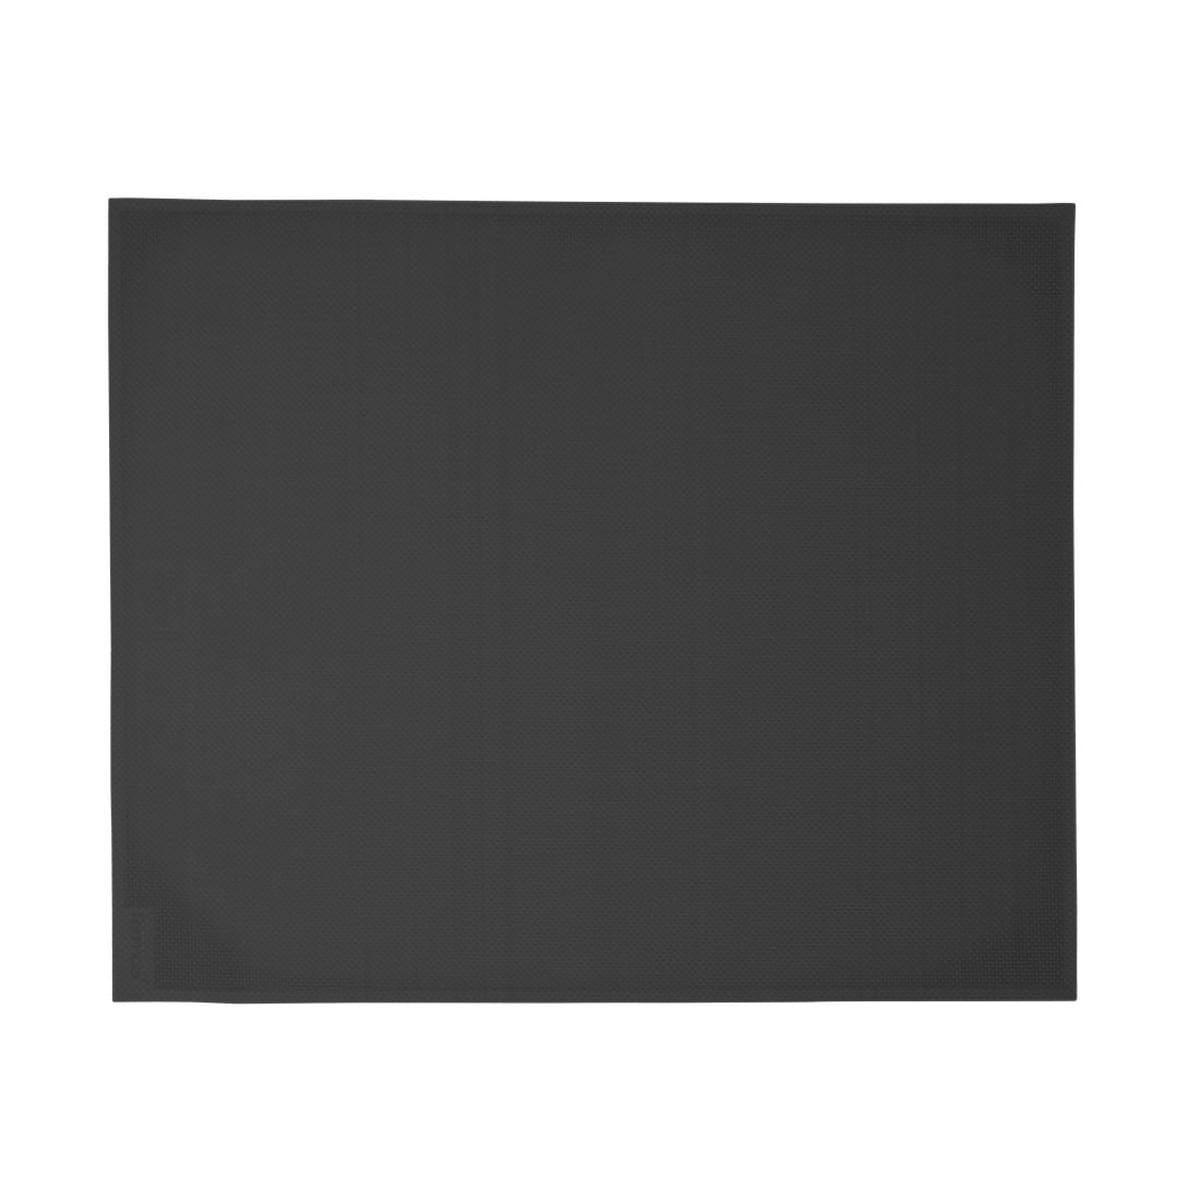 Fermob - Outdoor-Tischsets, anthrazit | Heimtextilien > Tischdecken und Co > Tisch-Sets | fermob